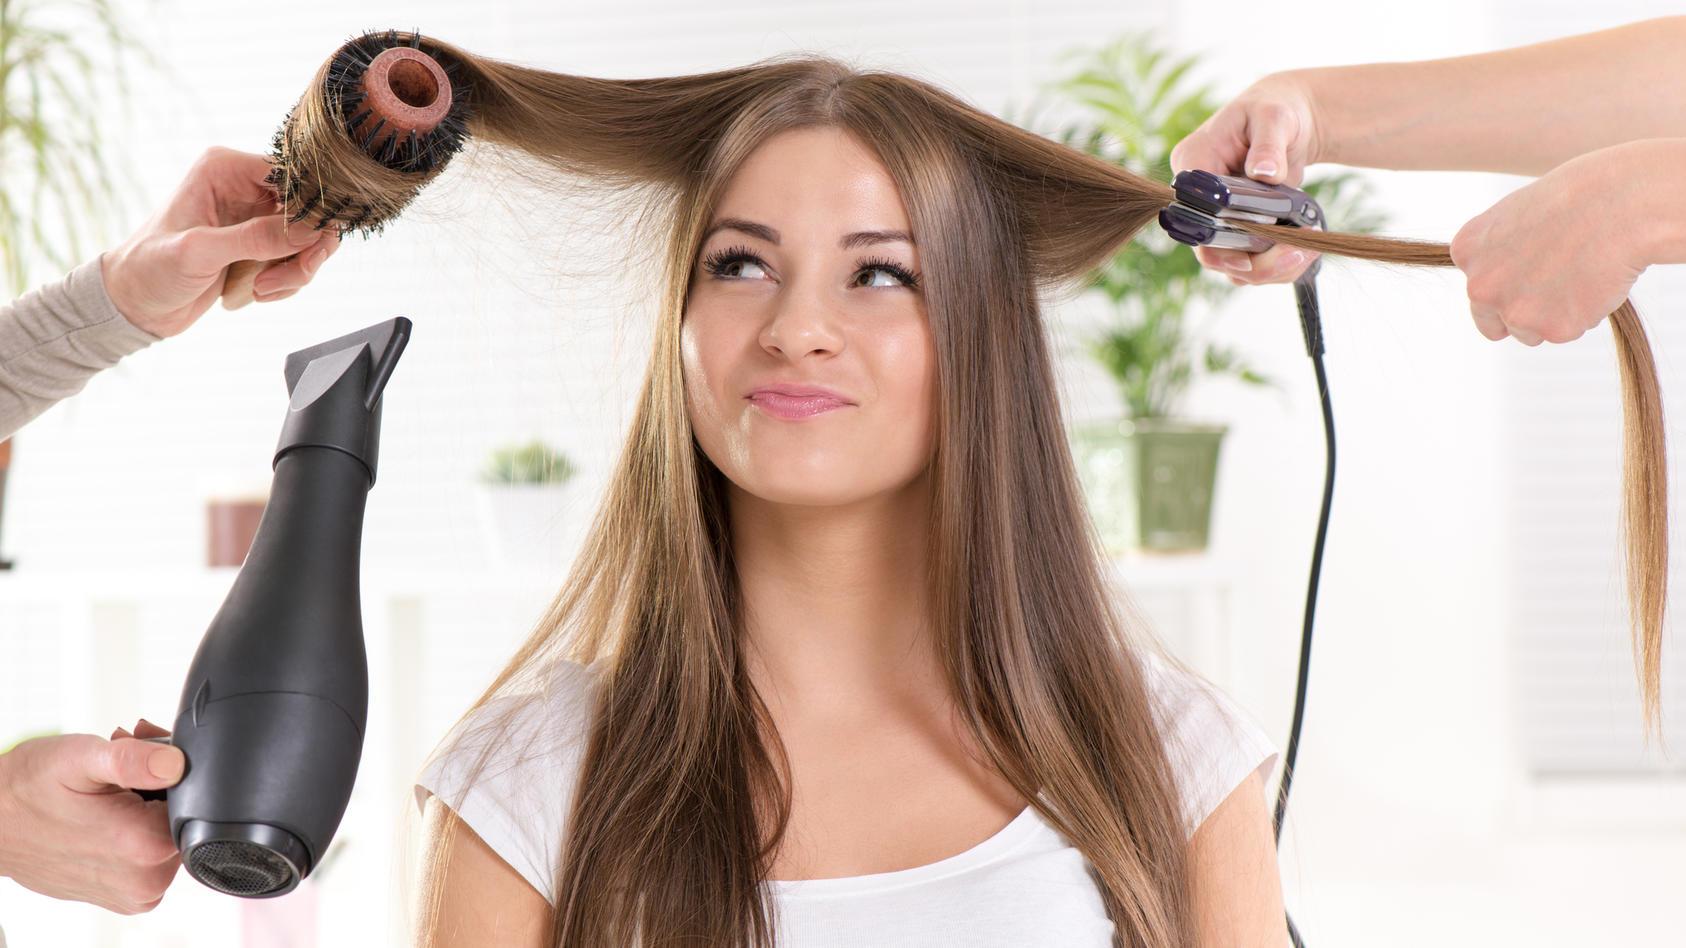 Vor dem Stylen mit Fön, Lockenstab oder Glätteisen sollten Sie Ihre Haare schützen.